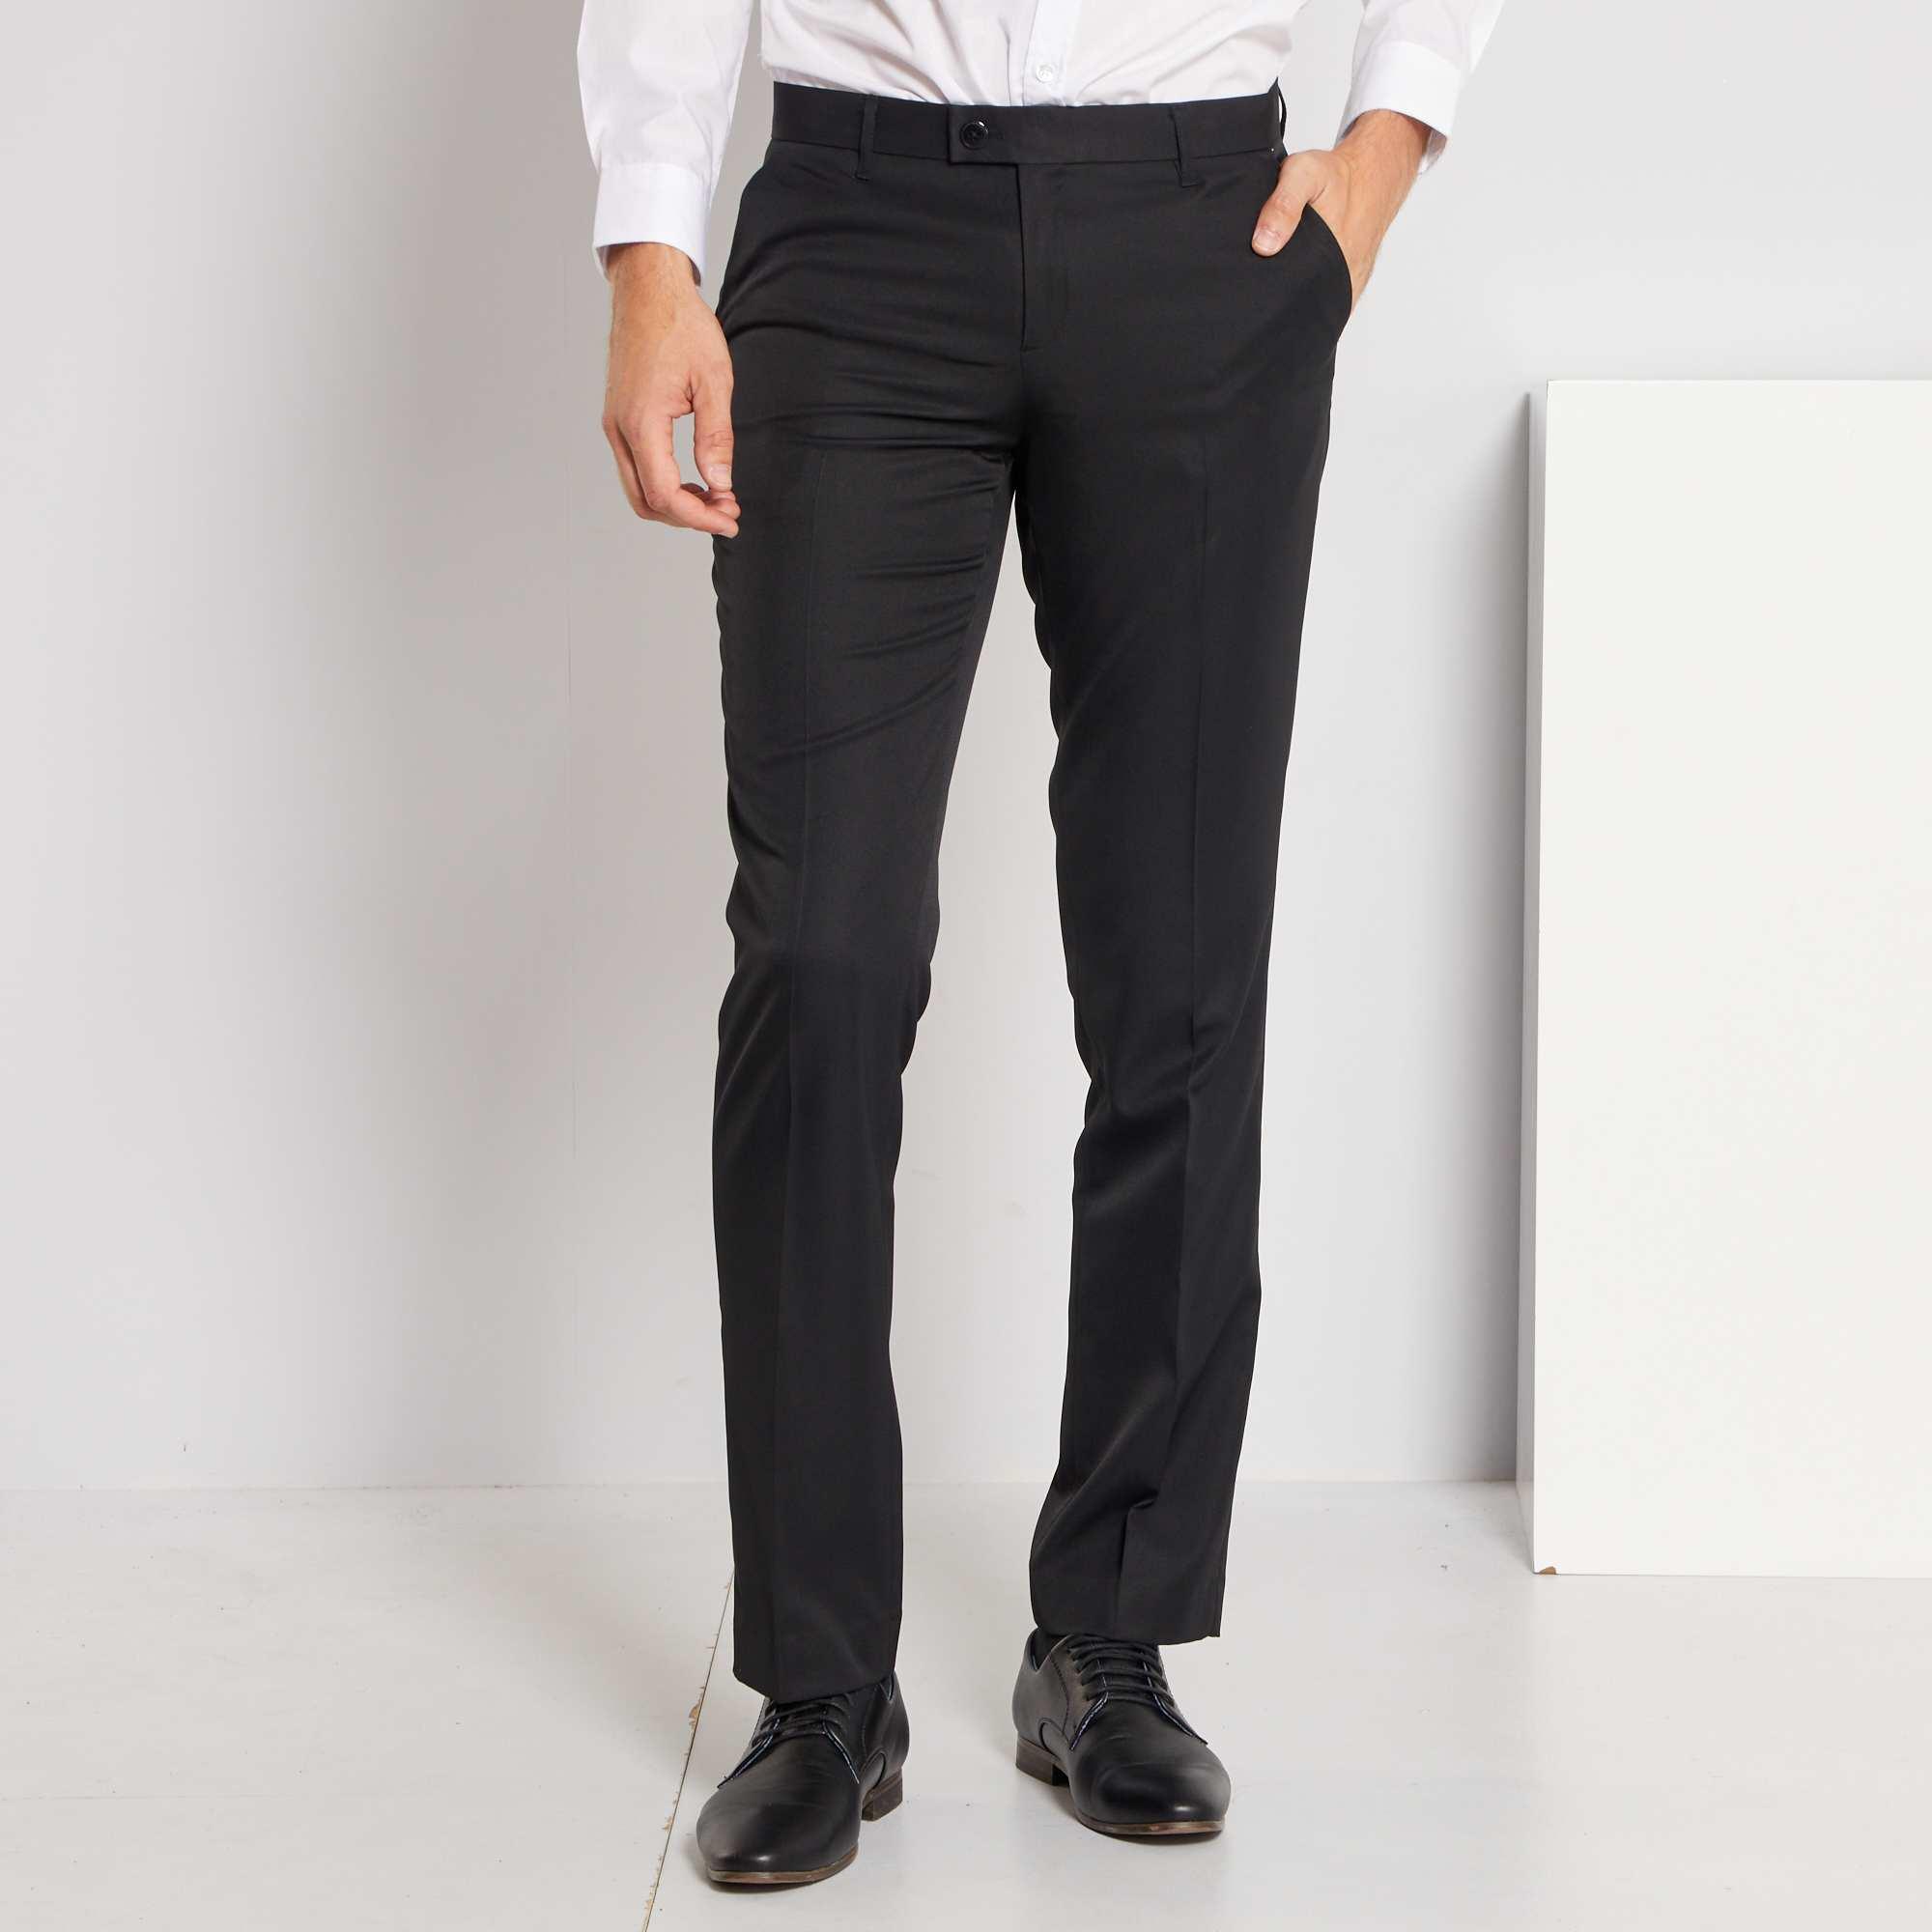 Couleur : noir, bleu marine, ,, - Taille : 50, 36, 42,46,44Une merveille à porter comme à entretenir ! - Pantalon de costume classique en